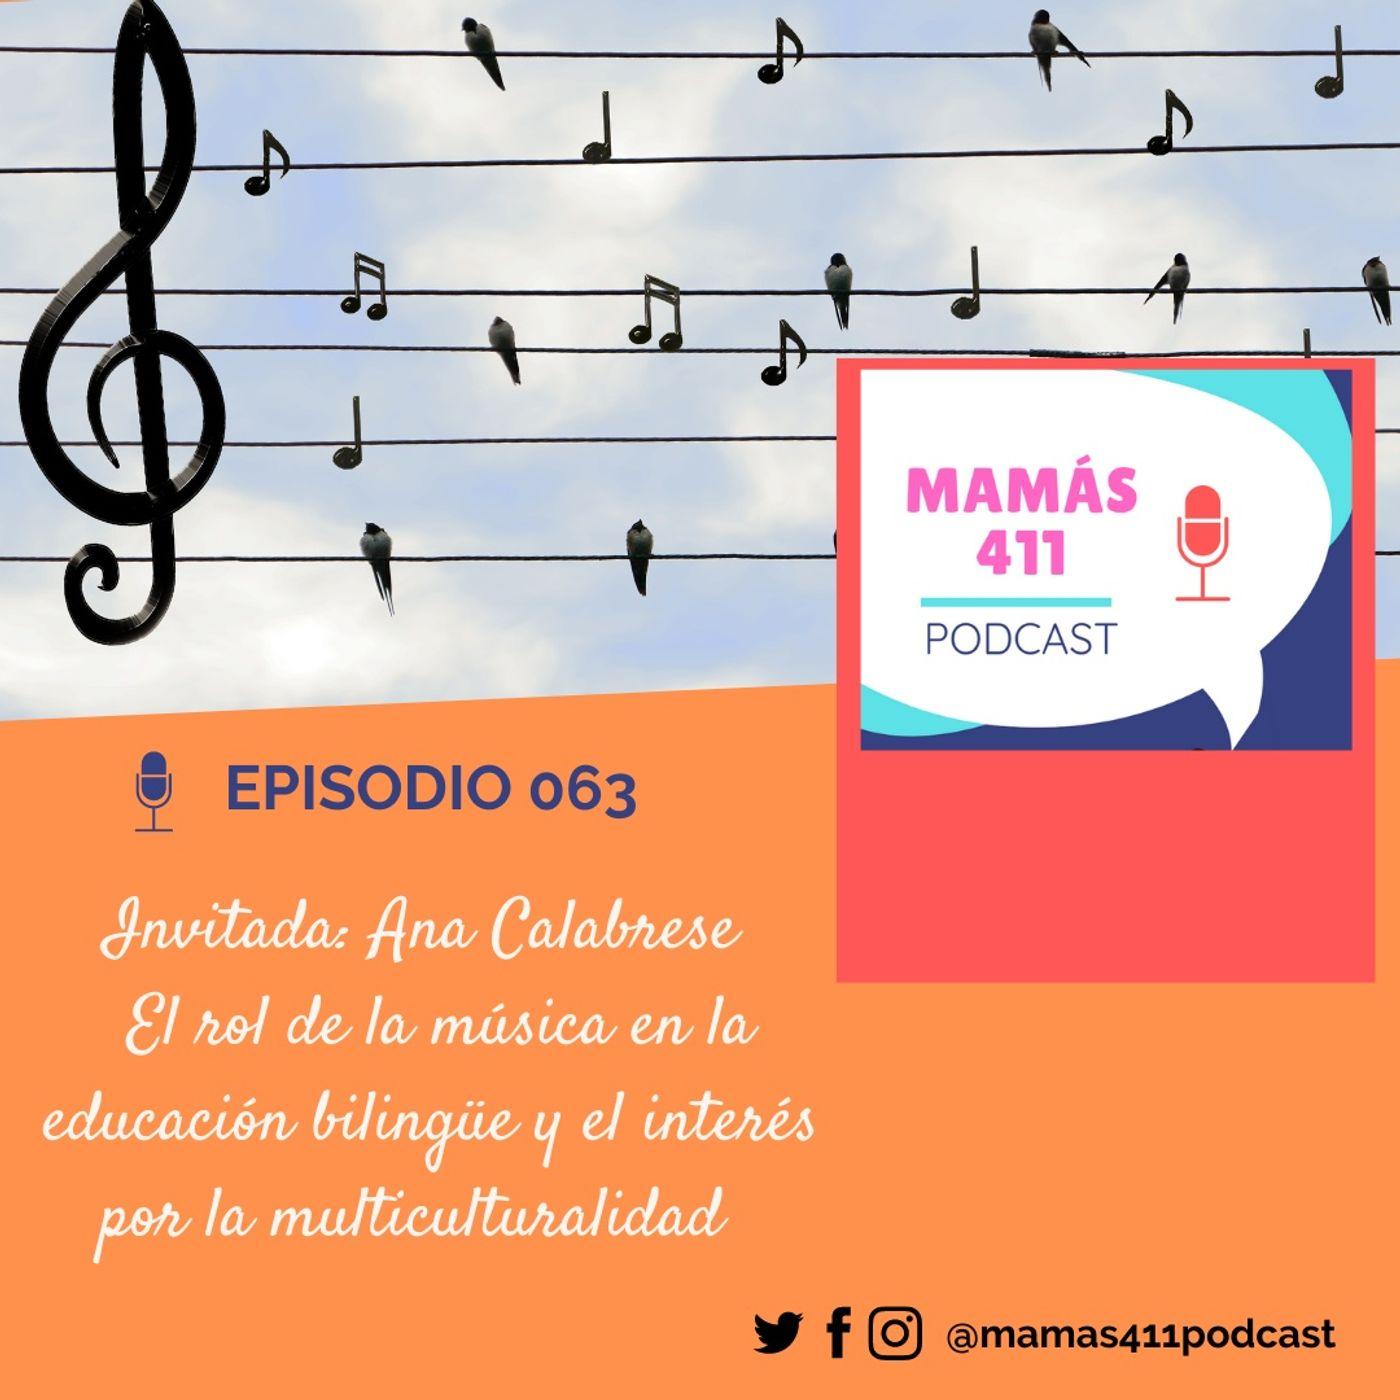 063 - Invitada: Ana Calabrese. El rol de la música en la educación bilingüe y el interés por la multiculturalidad